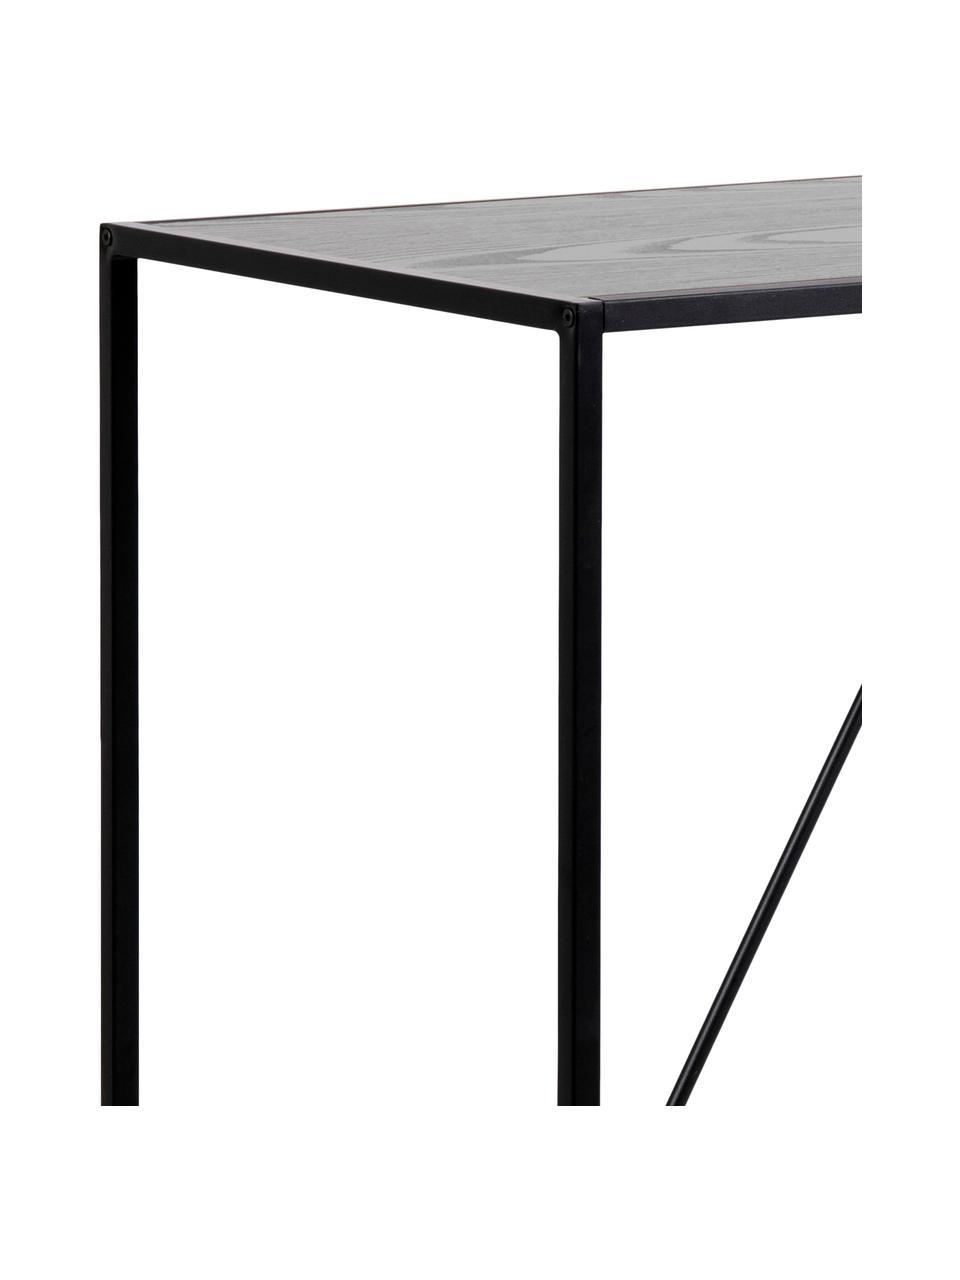 Bartisch Seaford, 120 x 60 cm, Metall, pulverbeschichtet, Melamin, Eschenholz, Schwarz, B 120 x T 60 cm